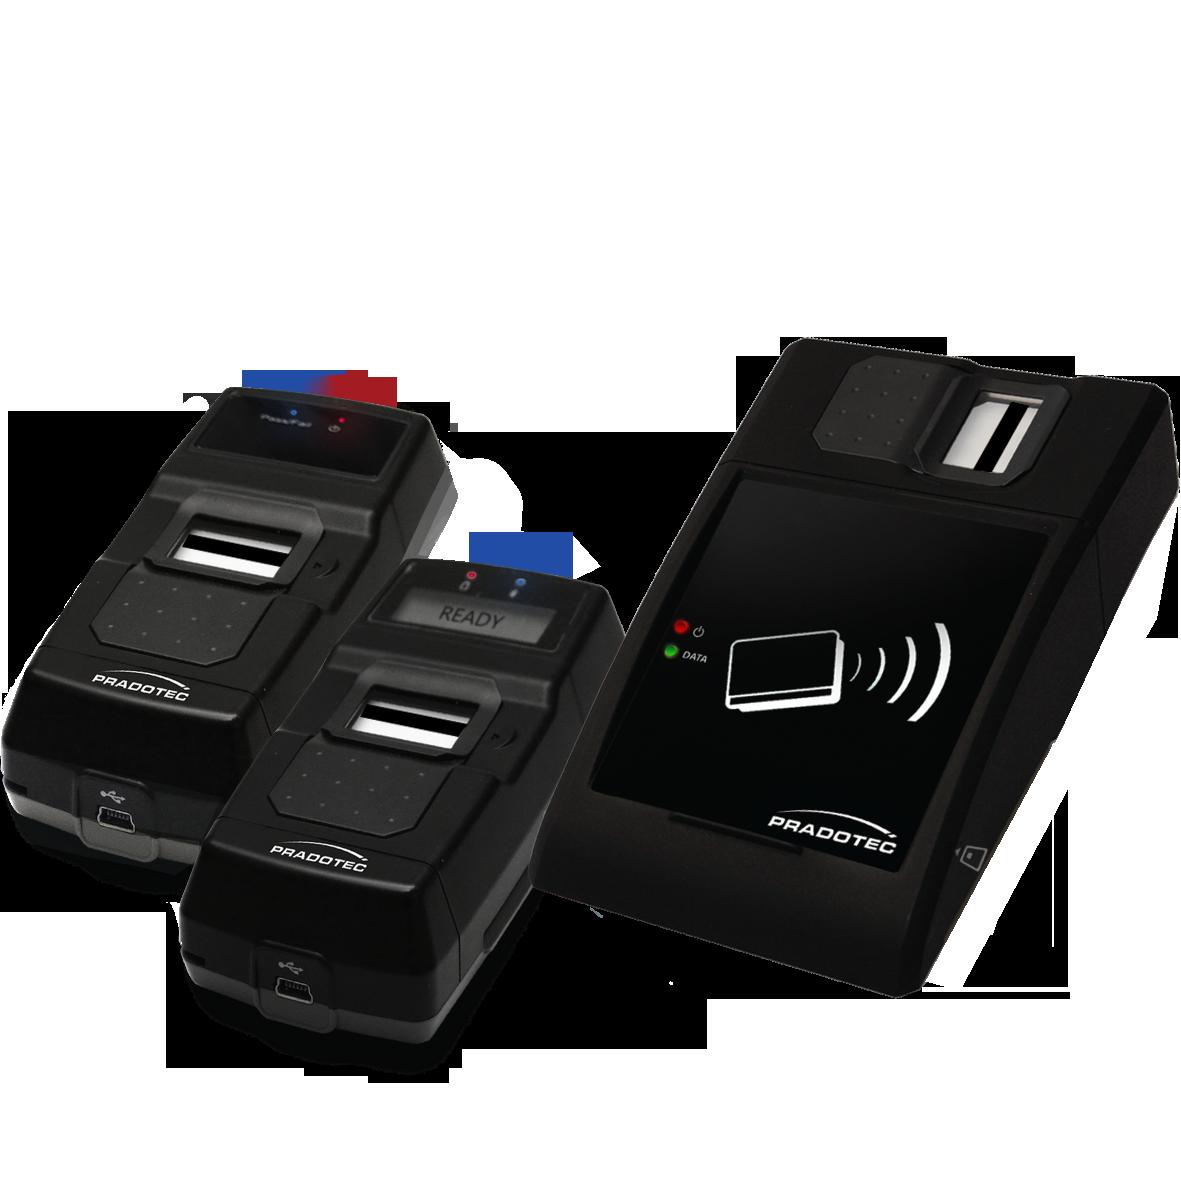 Biometric Card Reader Series